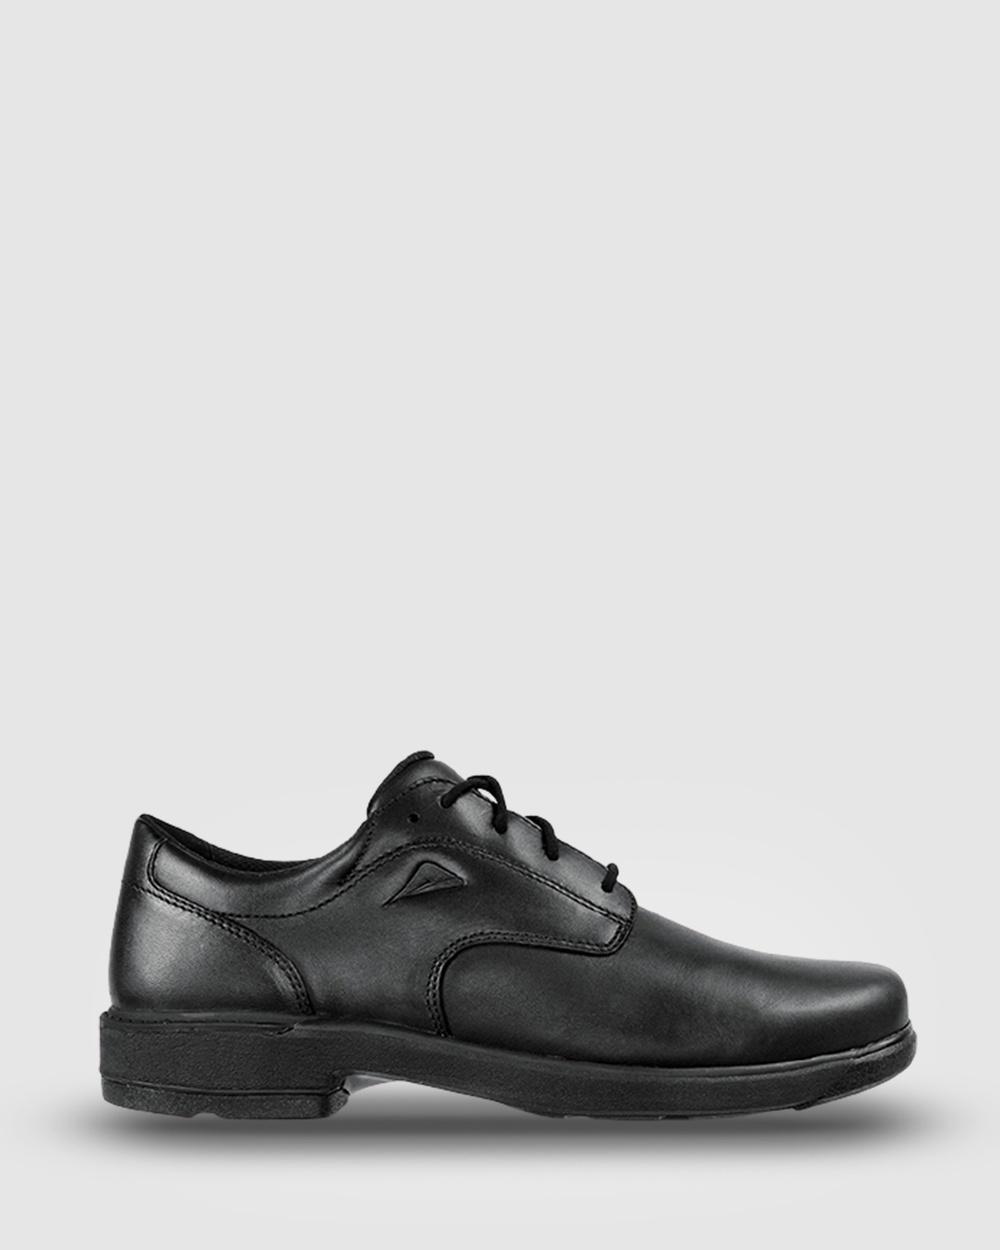 Ascent Scholar B Width School Shoes Black